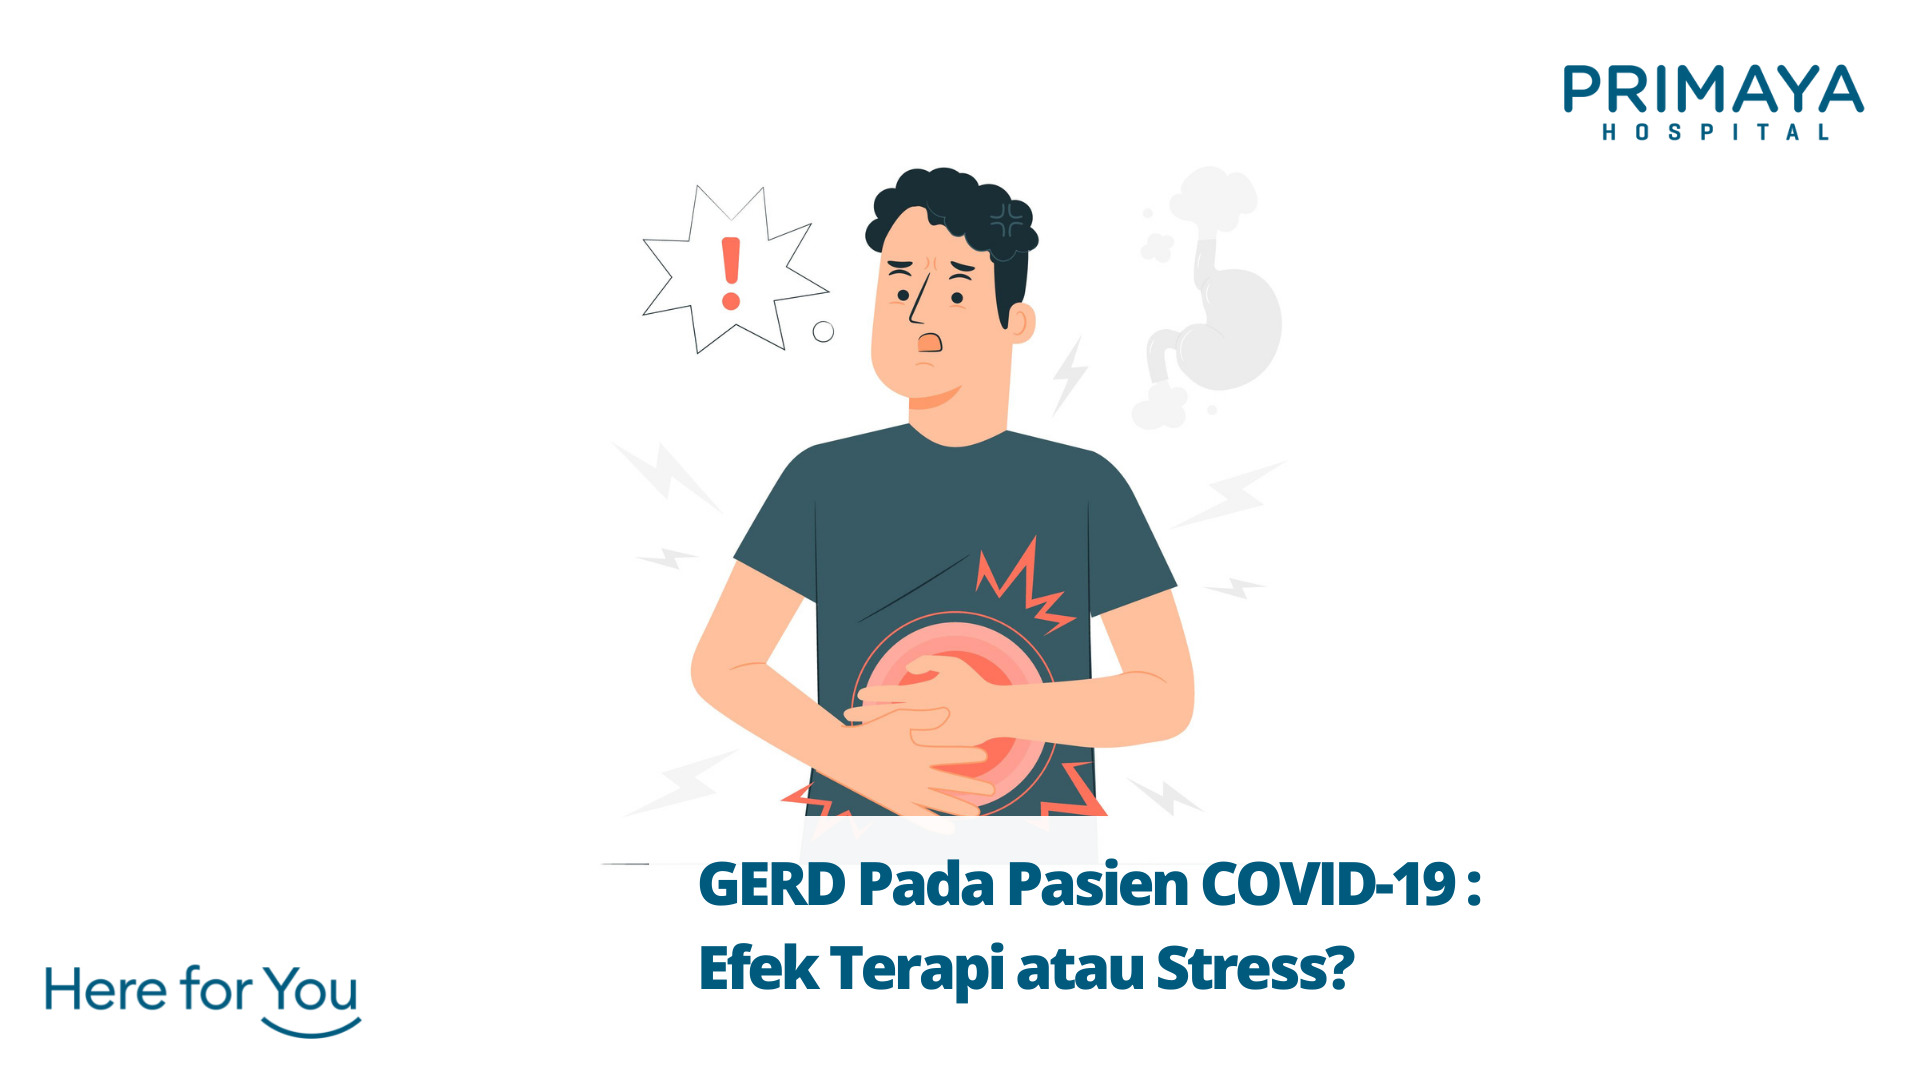 GERD Pada Pasien COVID-19 : Efek Terapi atau Stress?